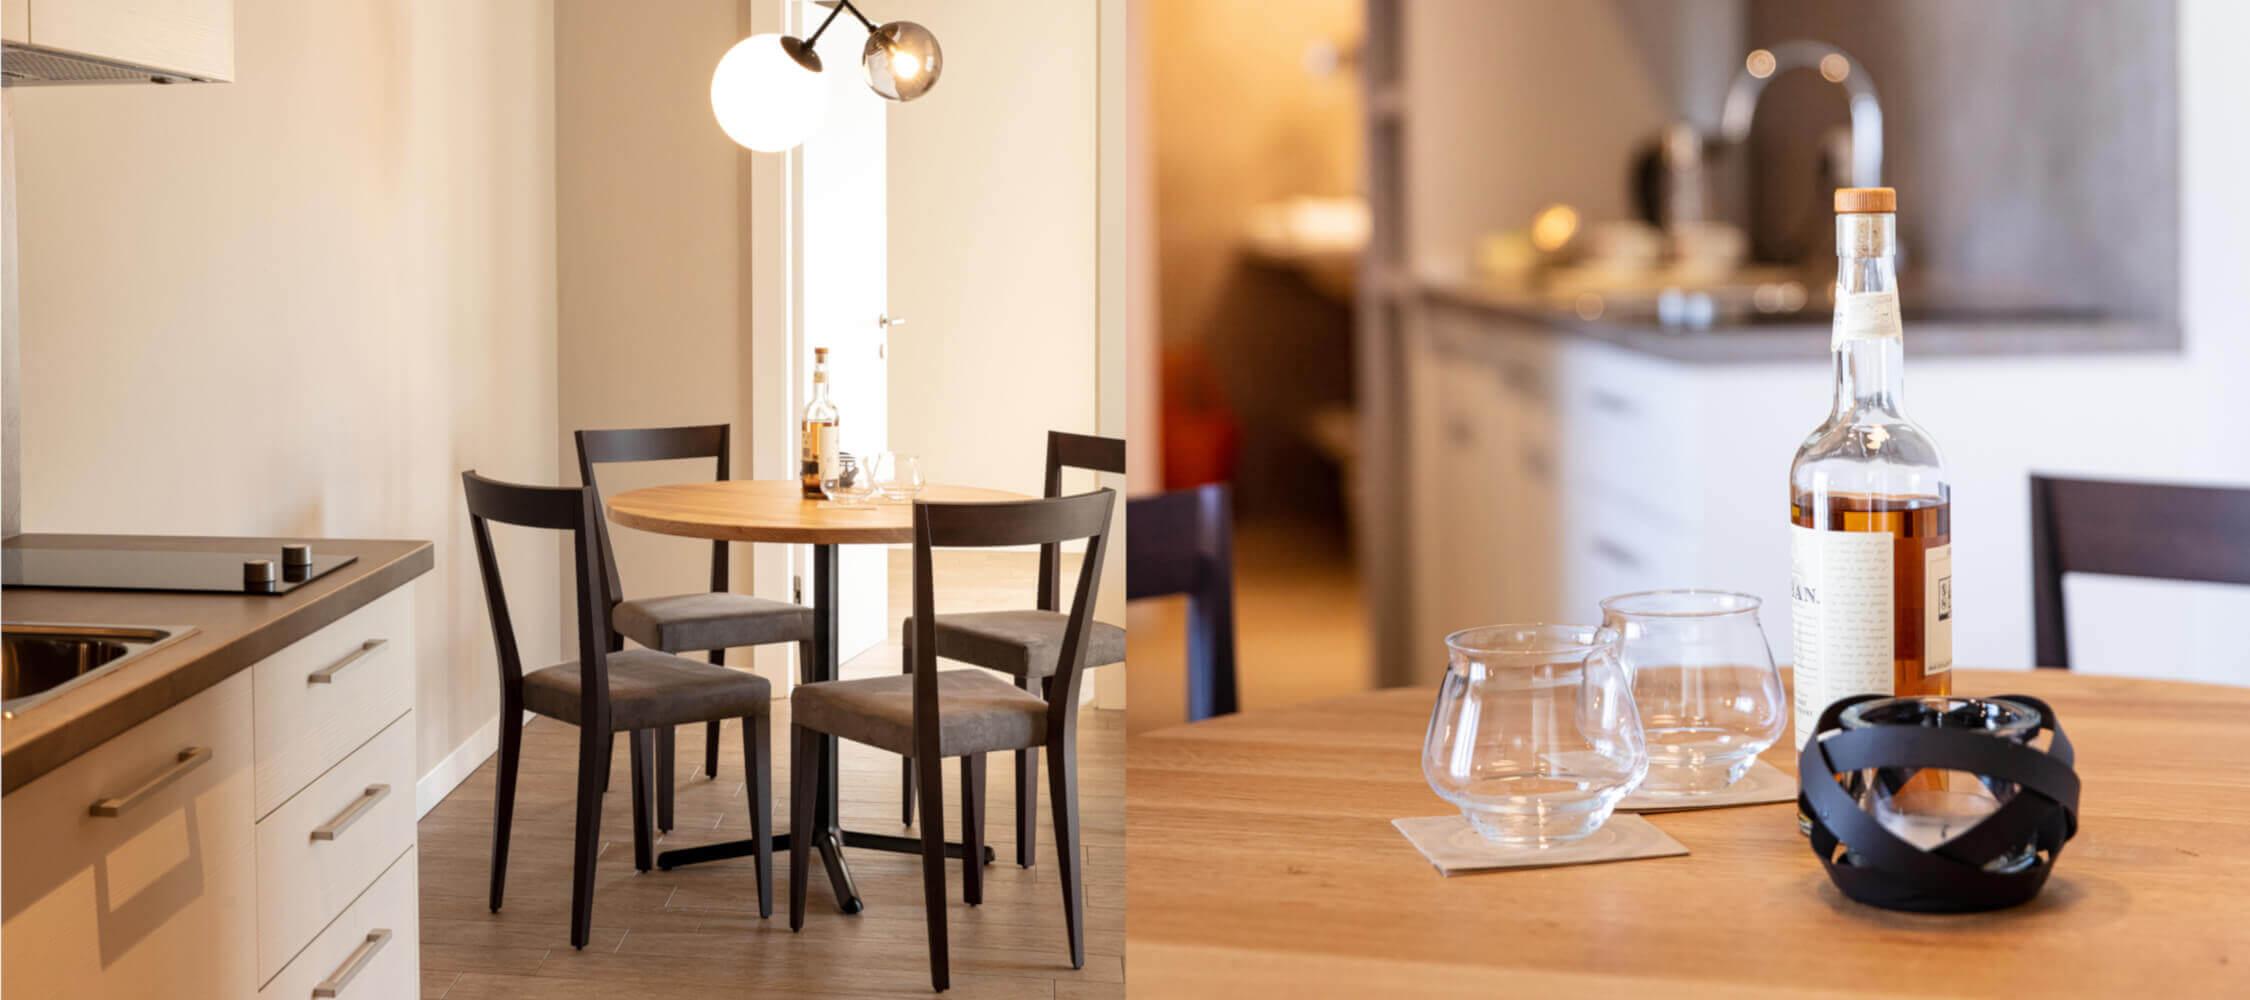 City_Hotel_Merano_Suite_Prestige_Wohnzimmer_BeatricePilotto_3T1A1786+3T1A1793_2250x1000